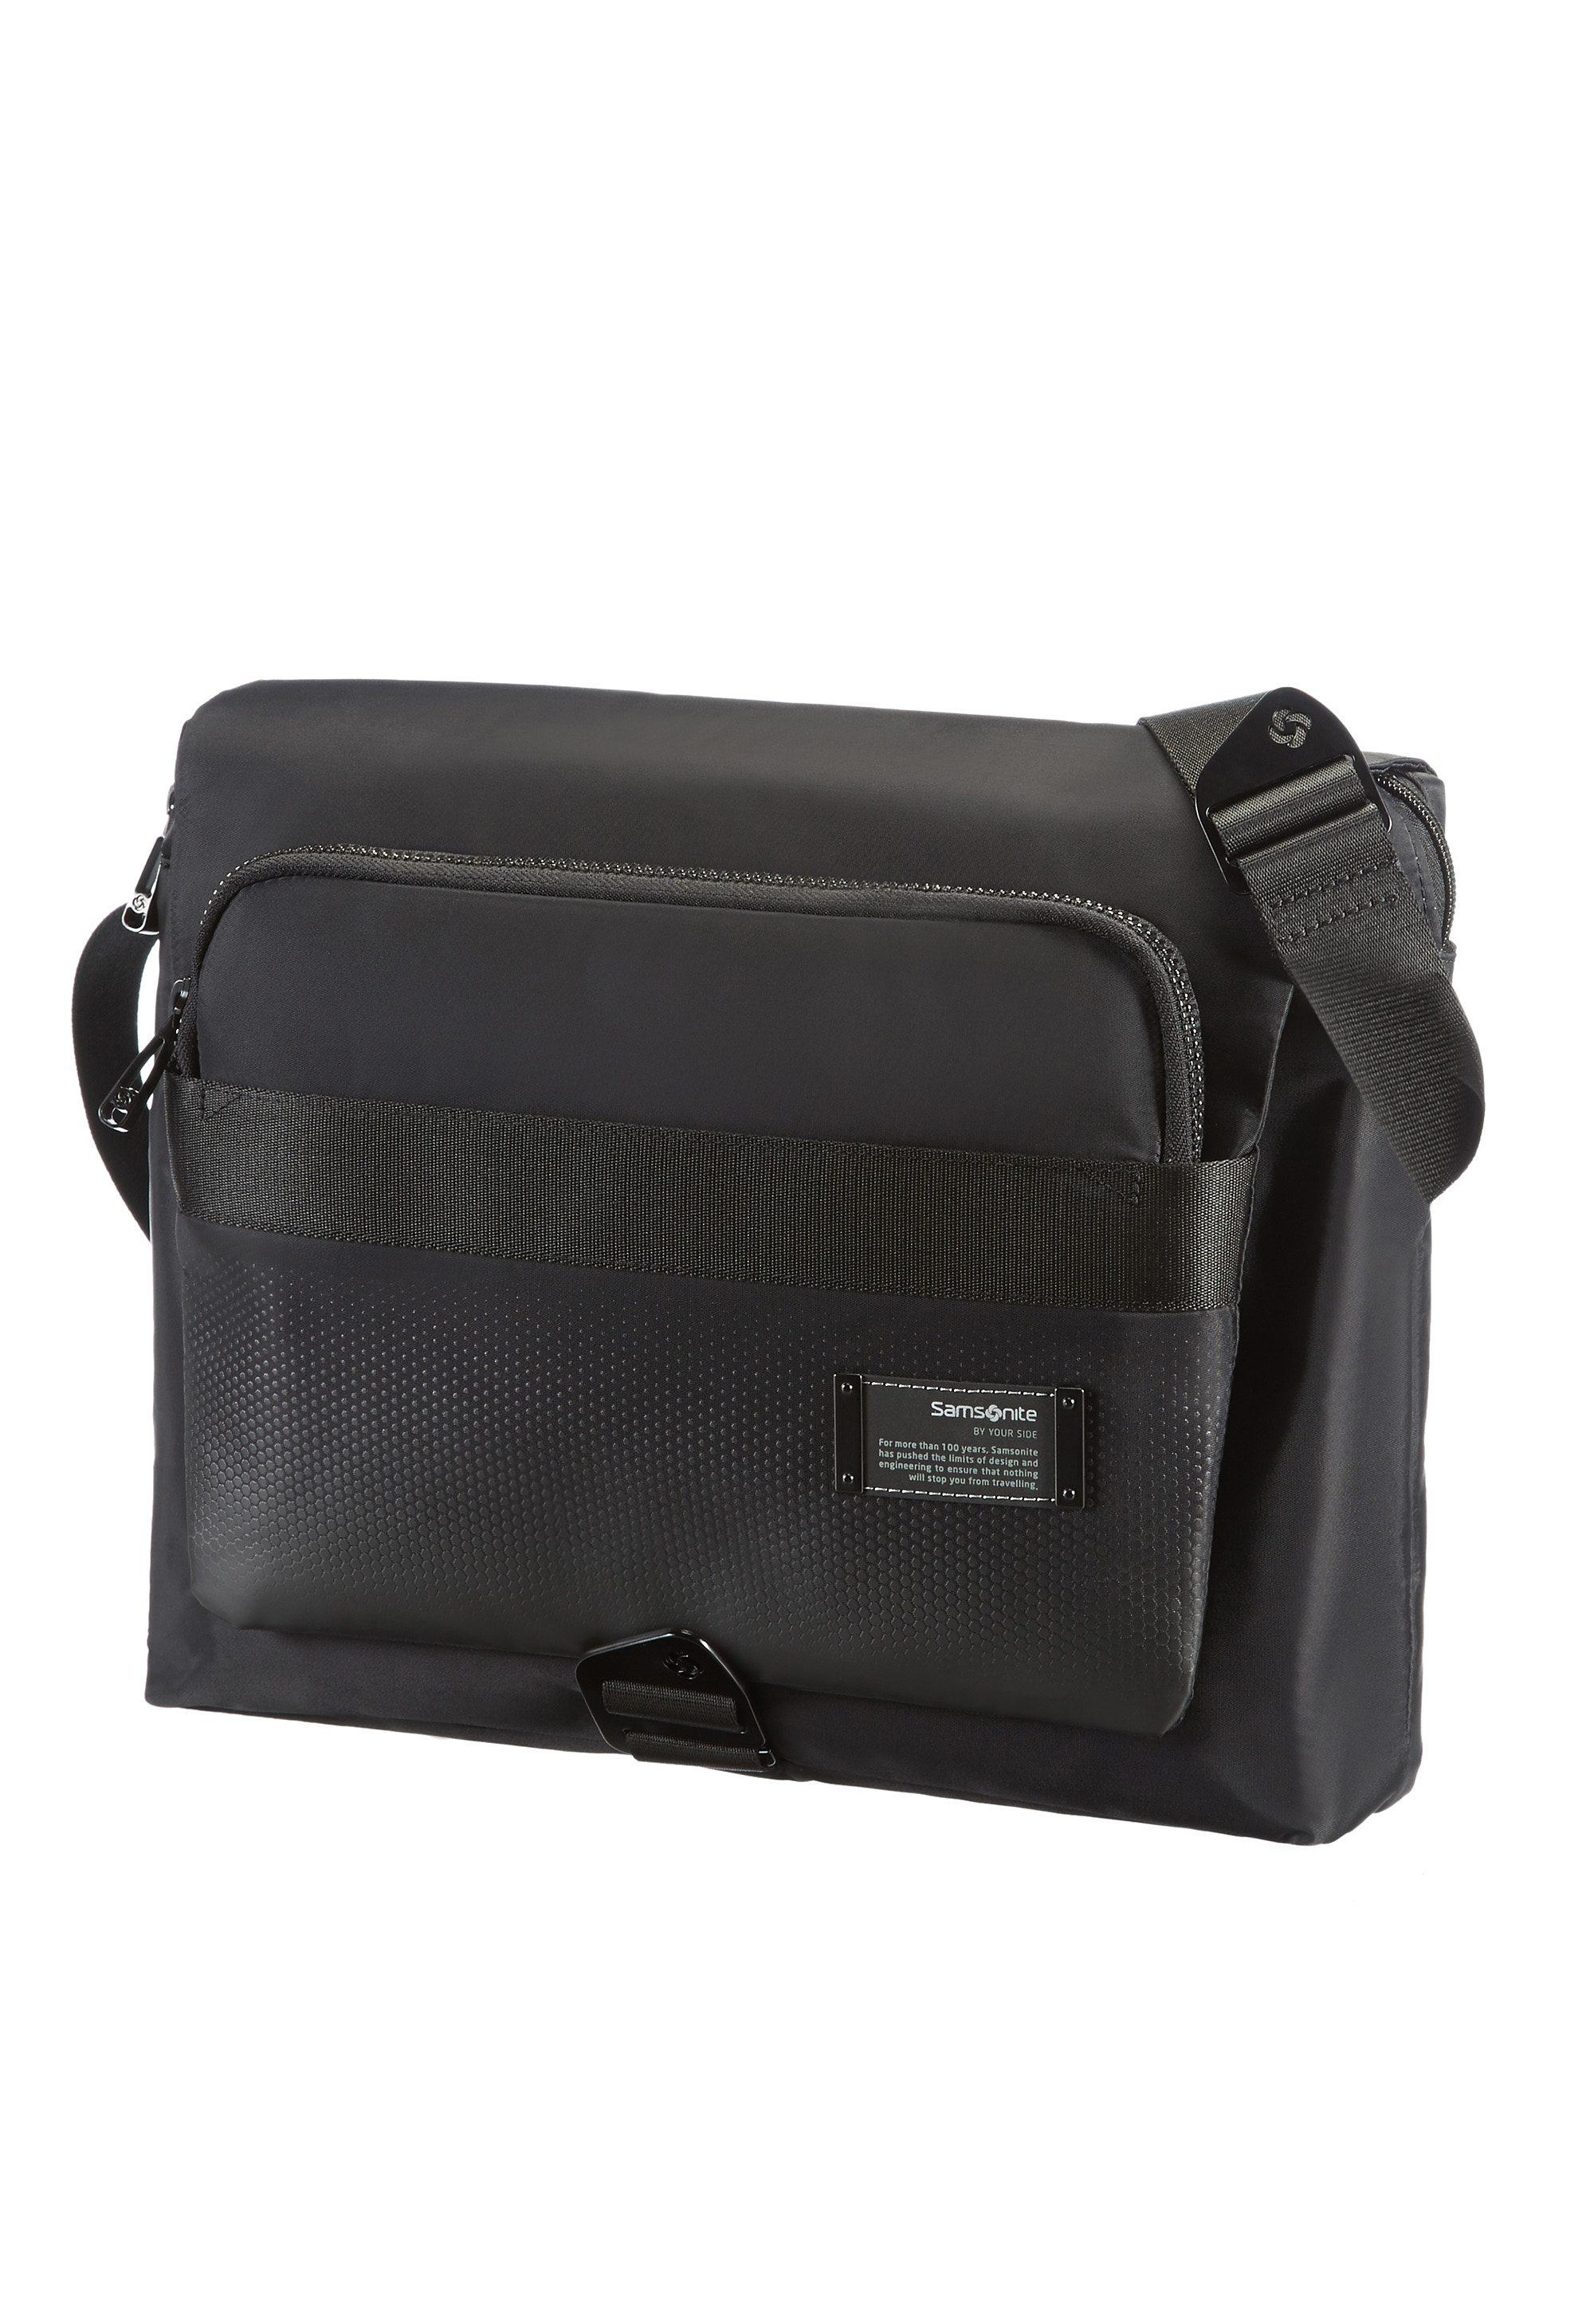 Samsonite Messengerbag mit Tablet- und 11,6-Zoll Laptopfach, »Cityvibe«